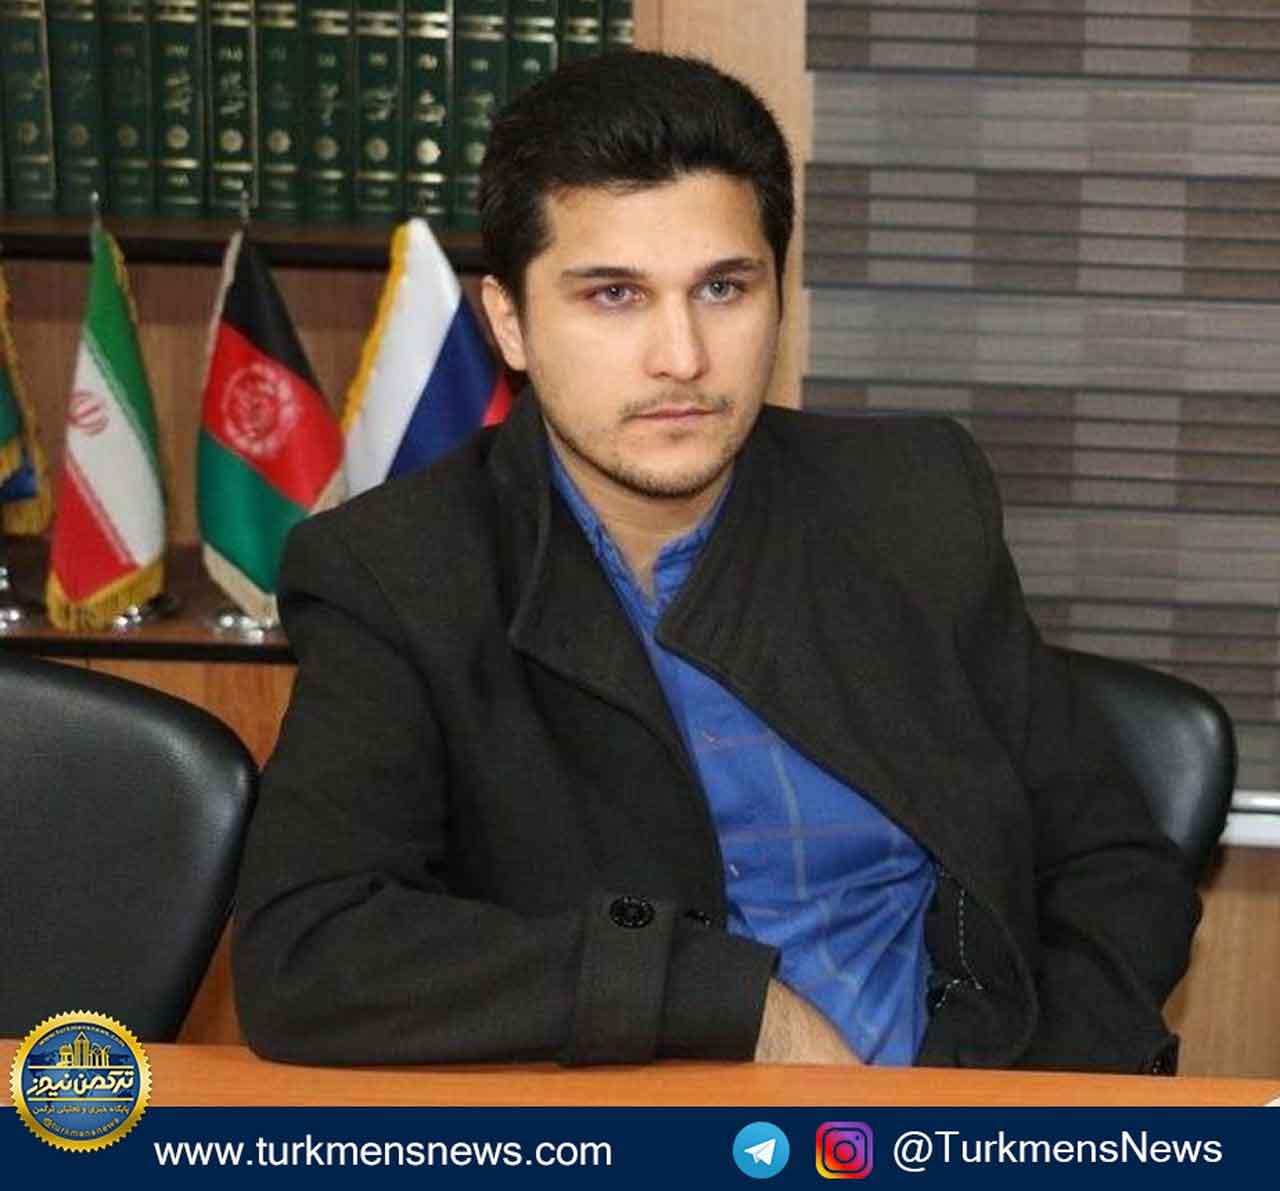 رحیمی کارشناس مسائل آسیای مرکزی - چشمانداز توسعه روابط ایران و ازبکستان در دولت سیزدهم